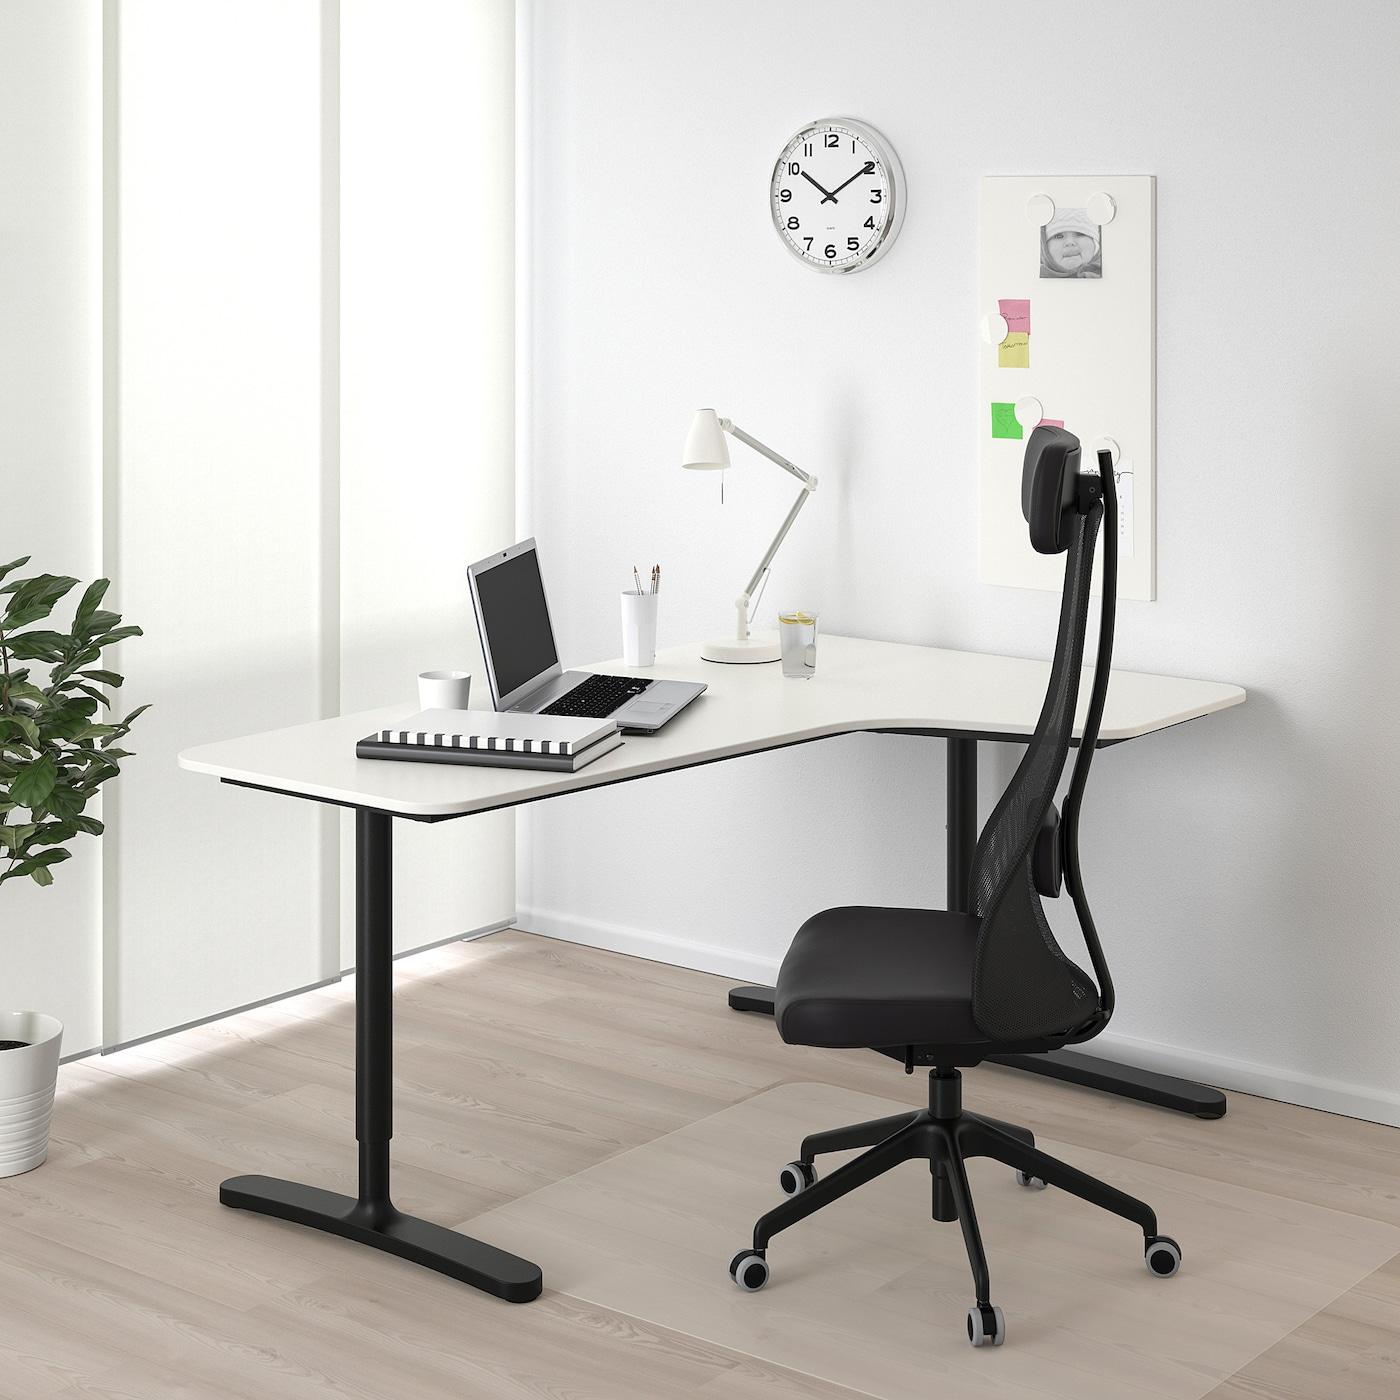 BEKANT corner desk right white/black 160 cm 110 cm 65 cm 85 cm 100 kg